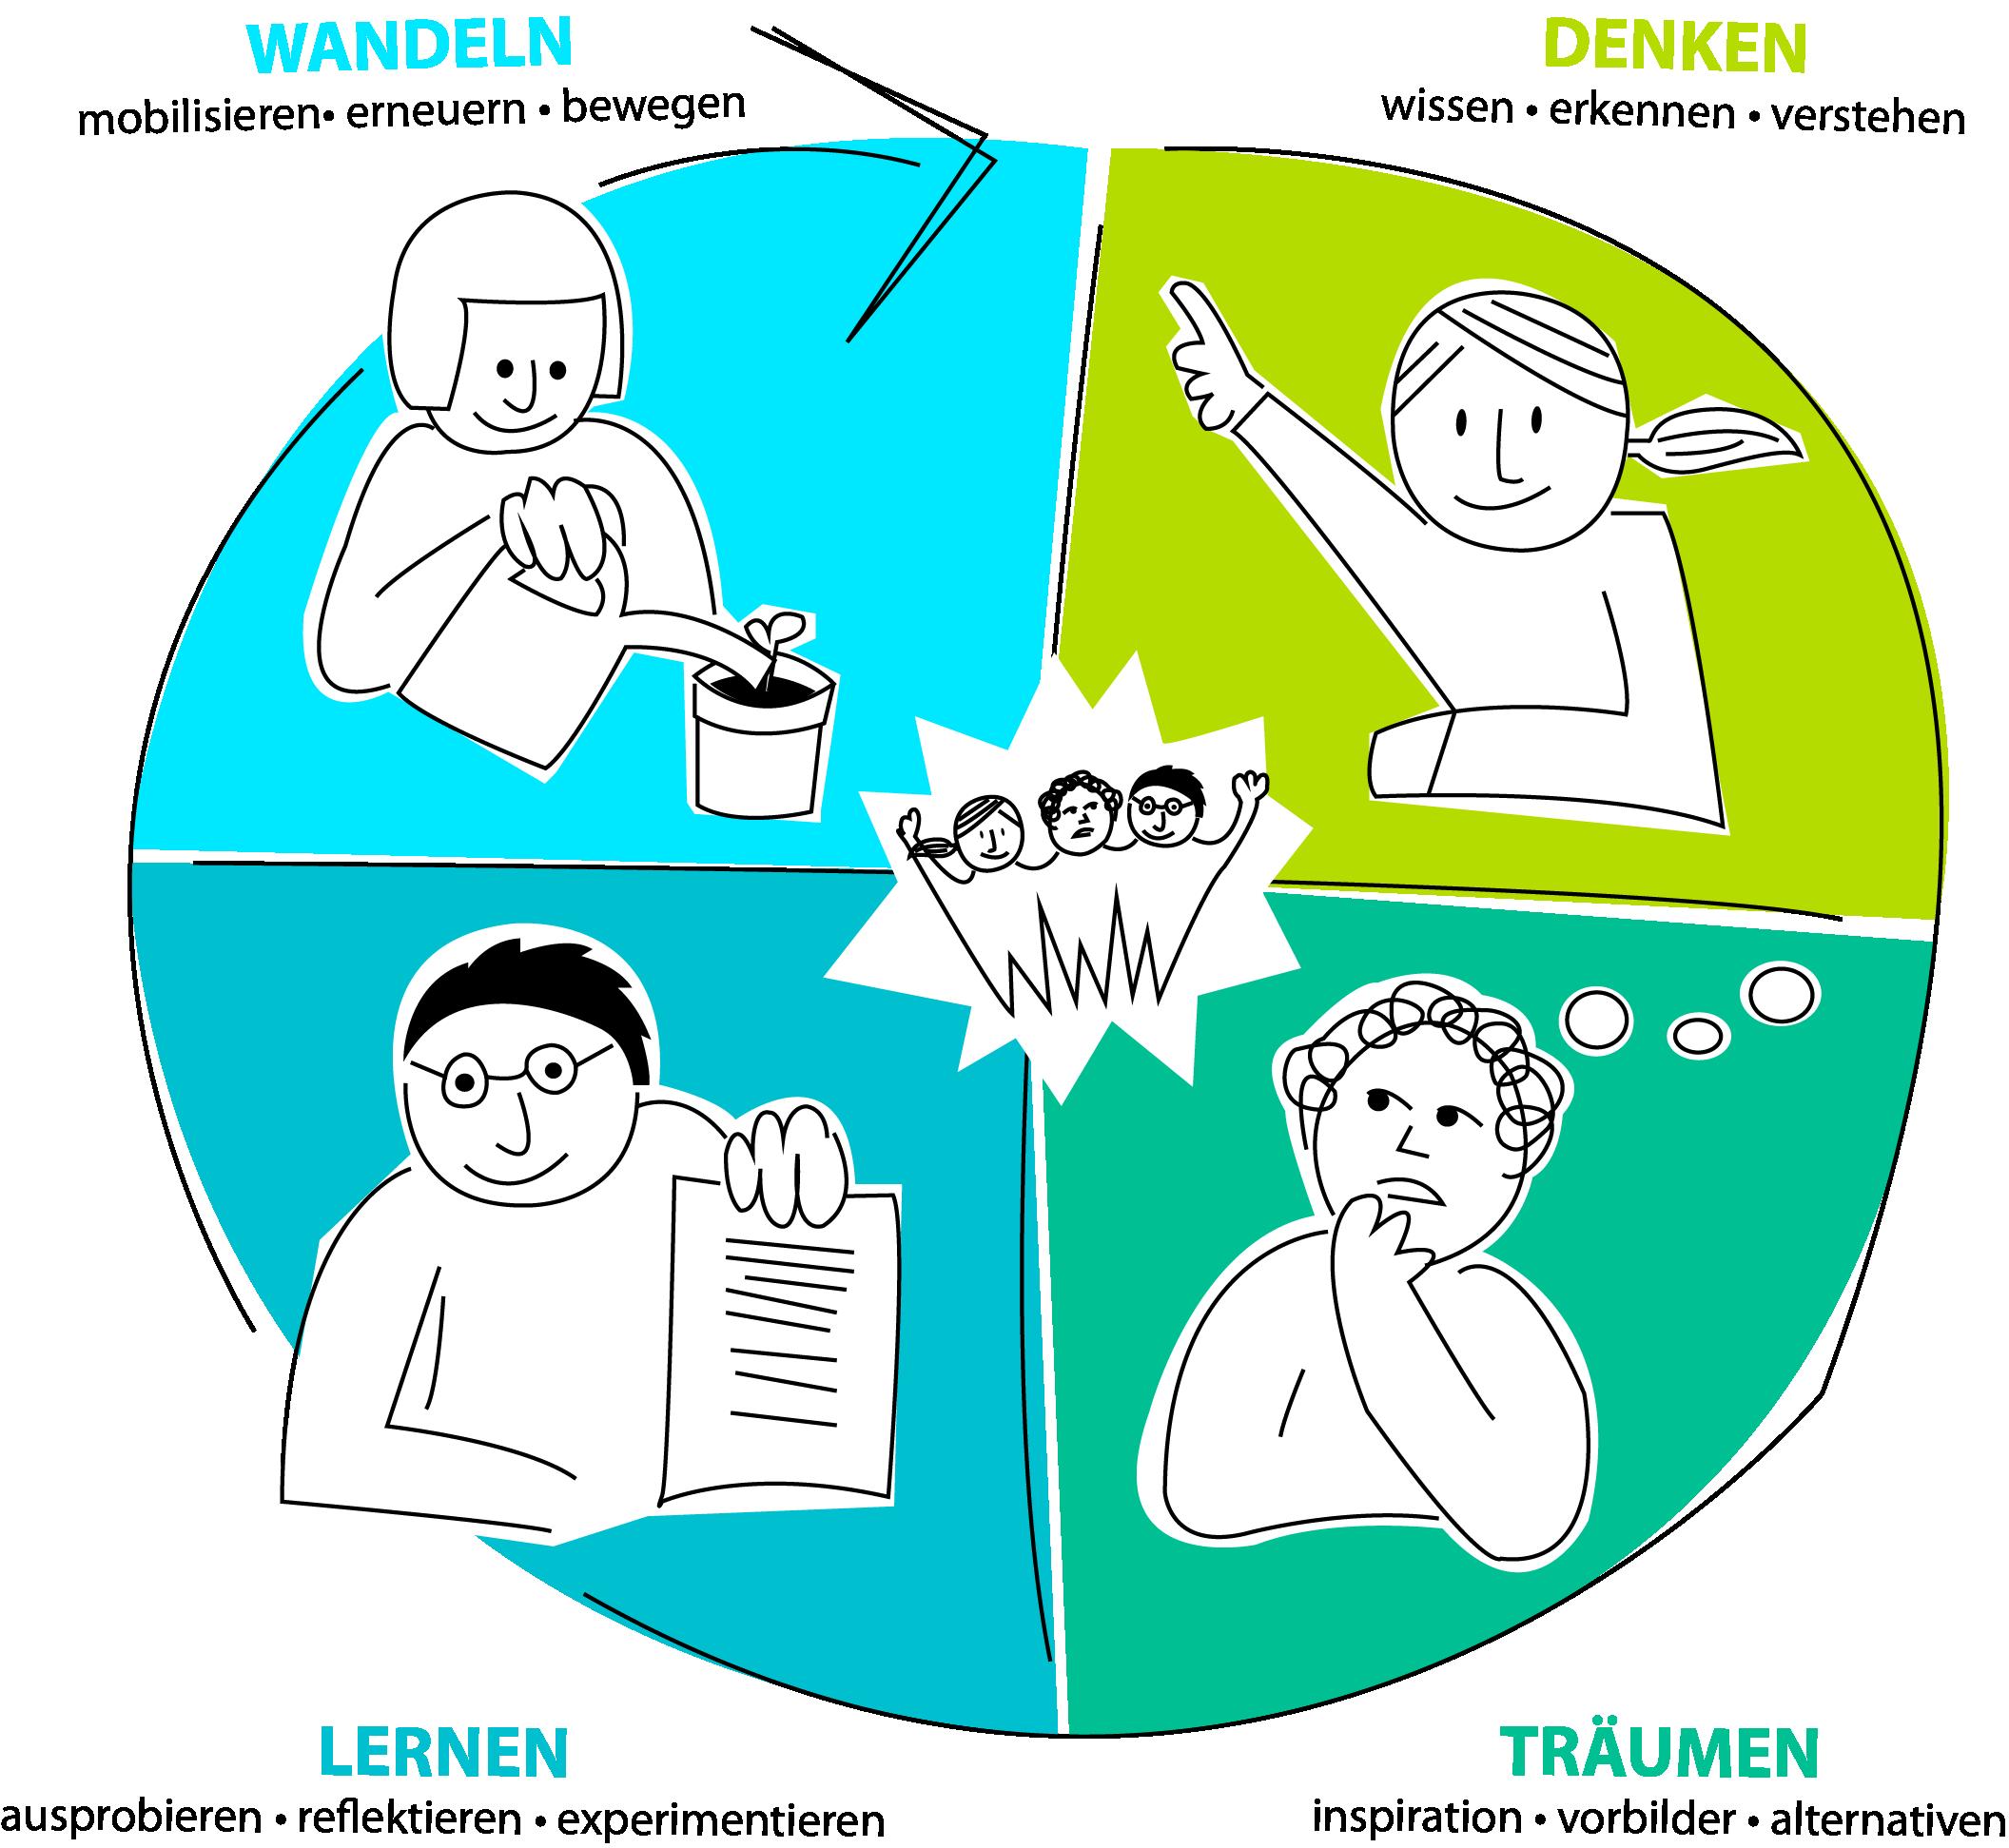 konferenz-fuer-eine-bessere-welt-wertegrafik